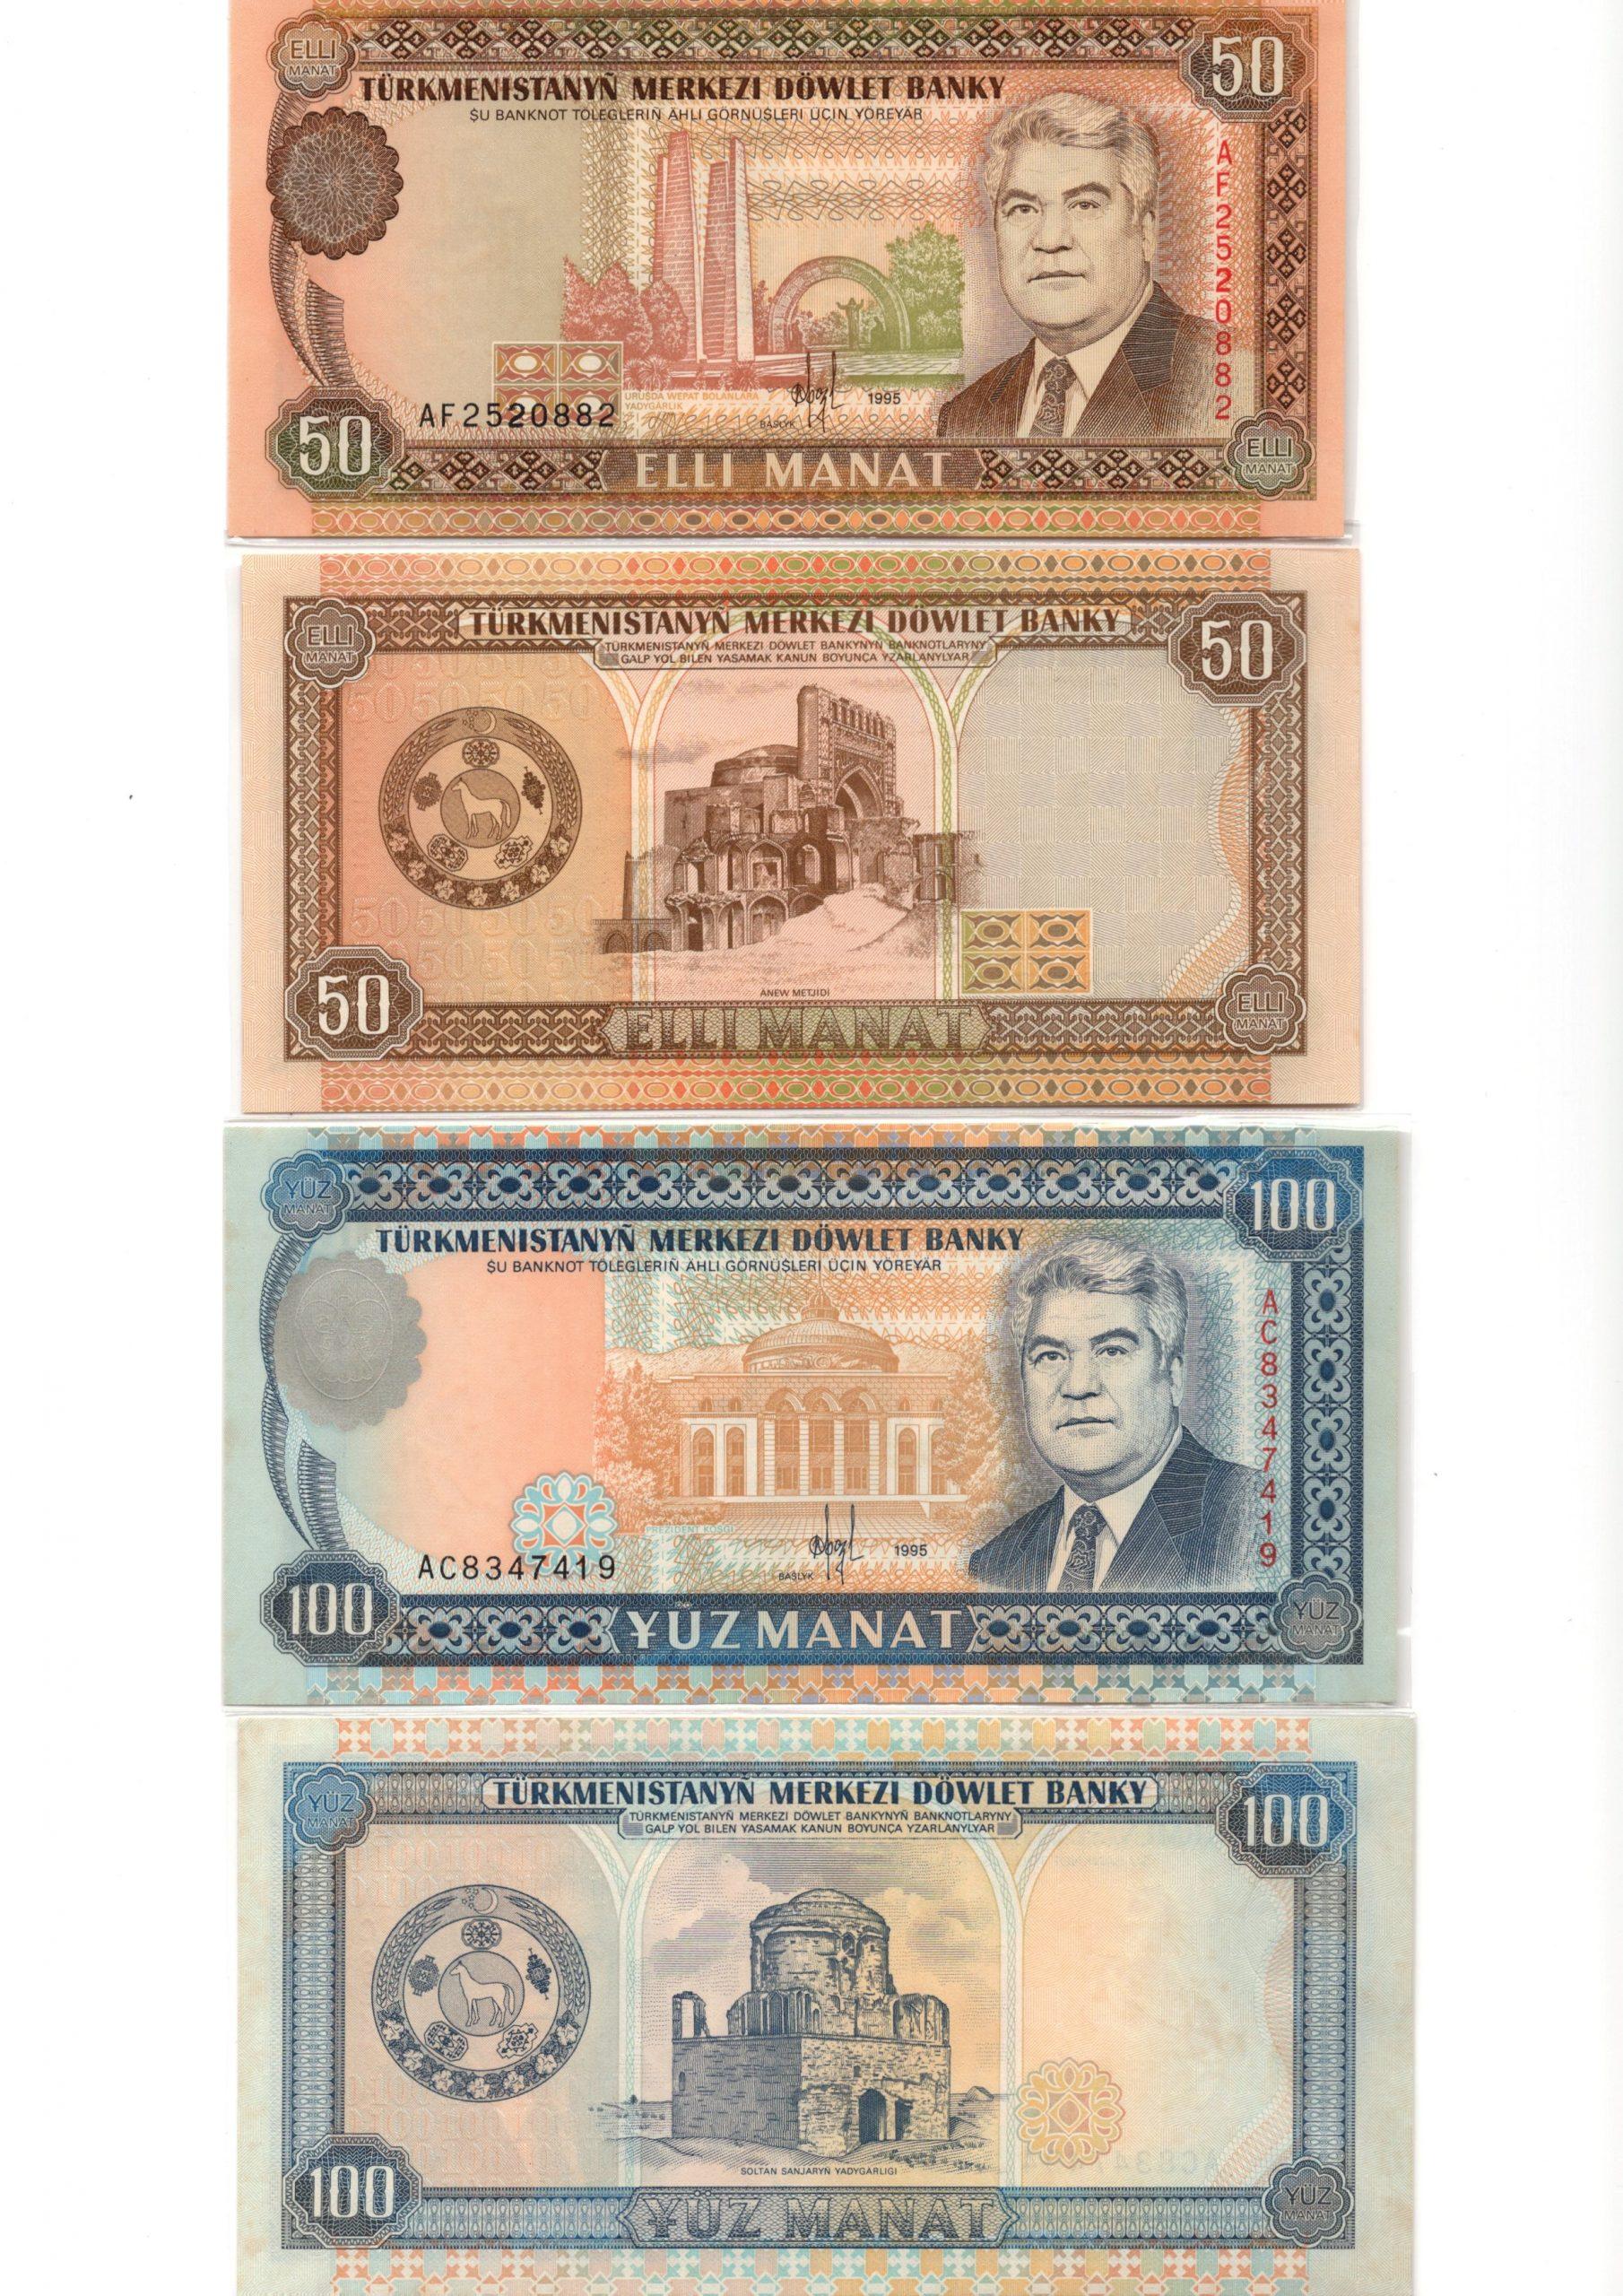 turkmenistan banknote set